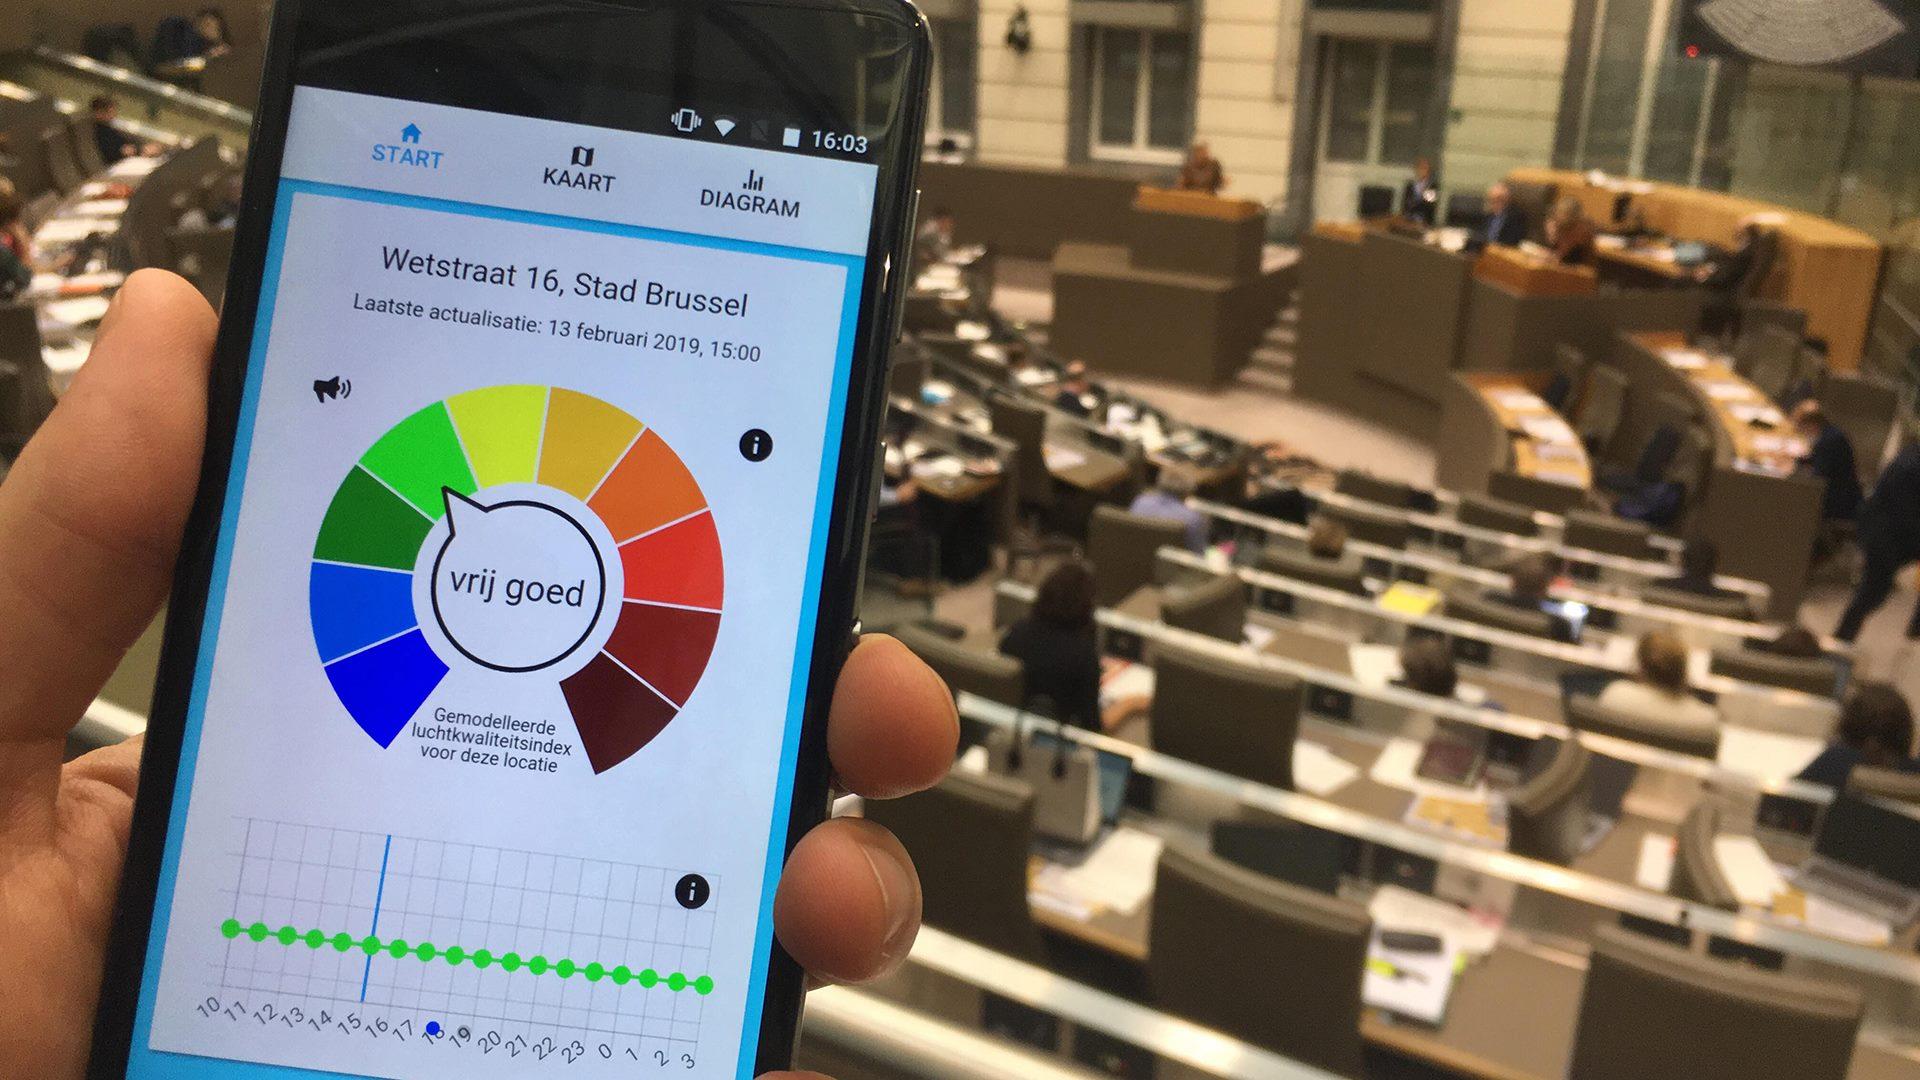 App die luchtkwaliteit weergeeft is onnauwkeurig